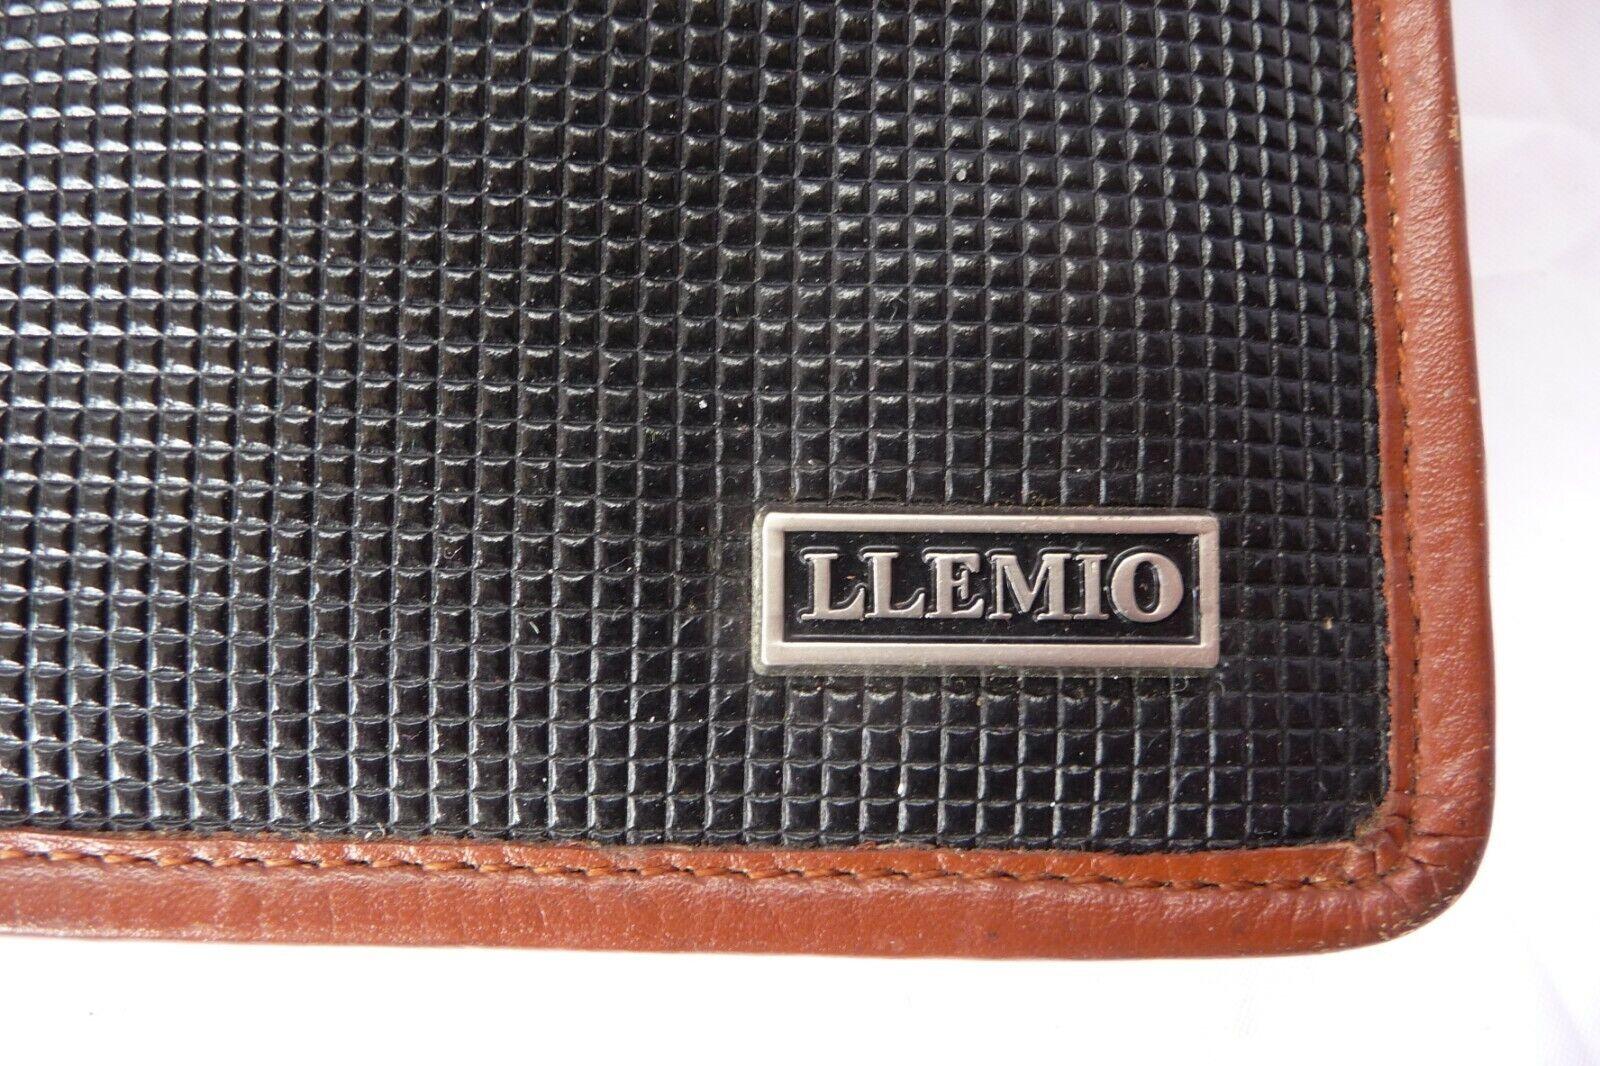 'LLEMIO' Black Textured Vinyl Clutch Bag Purse